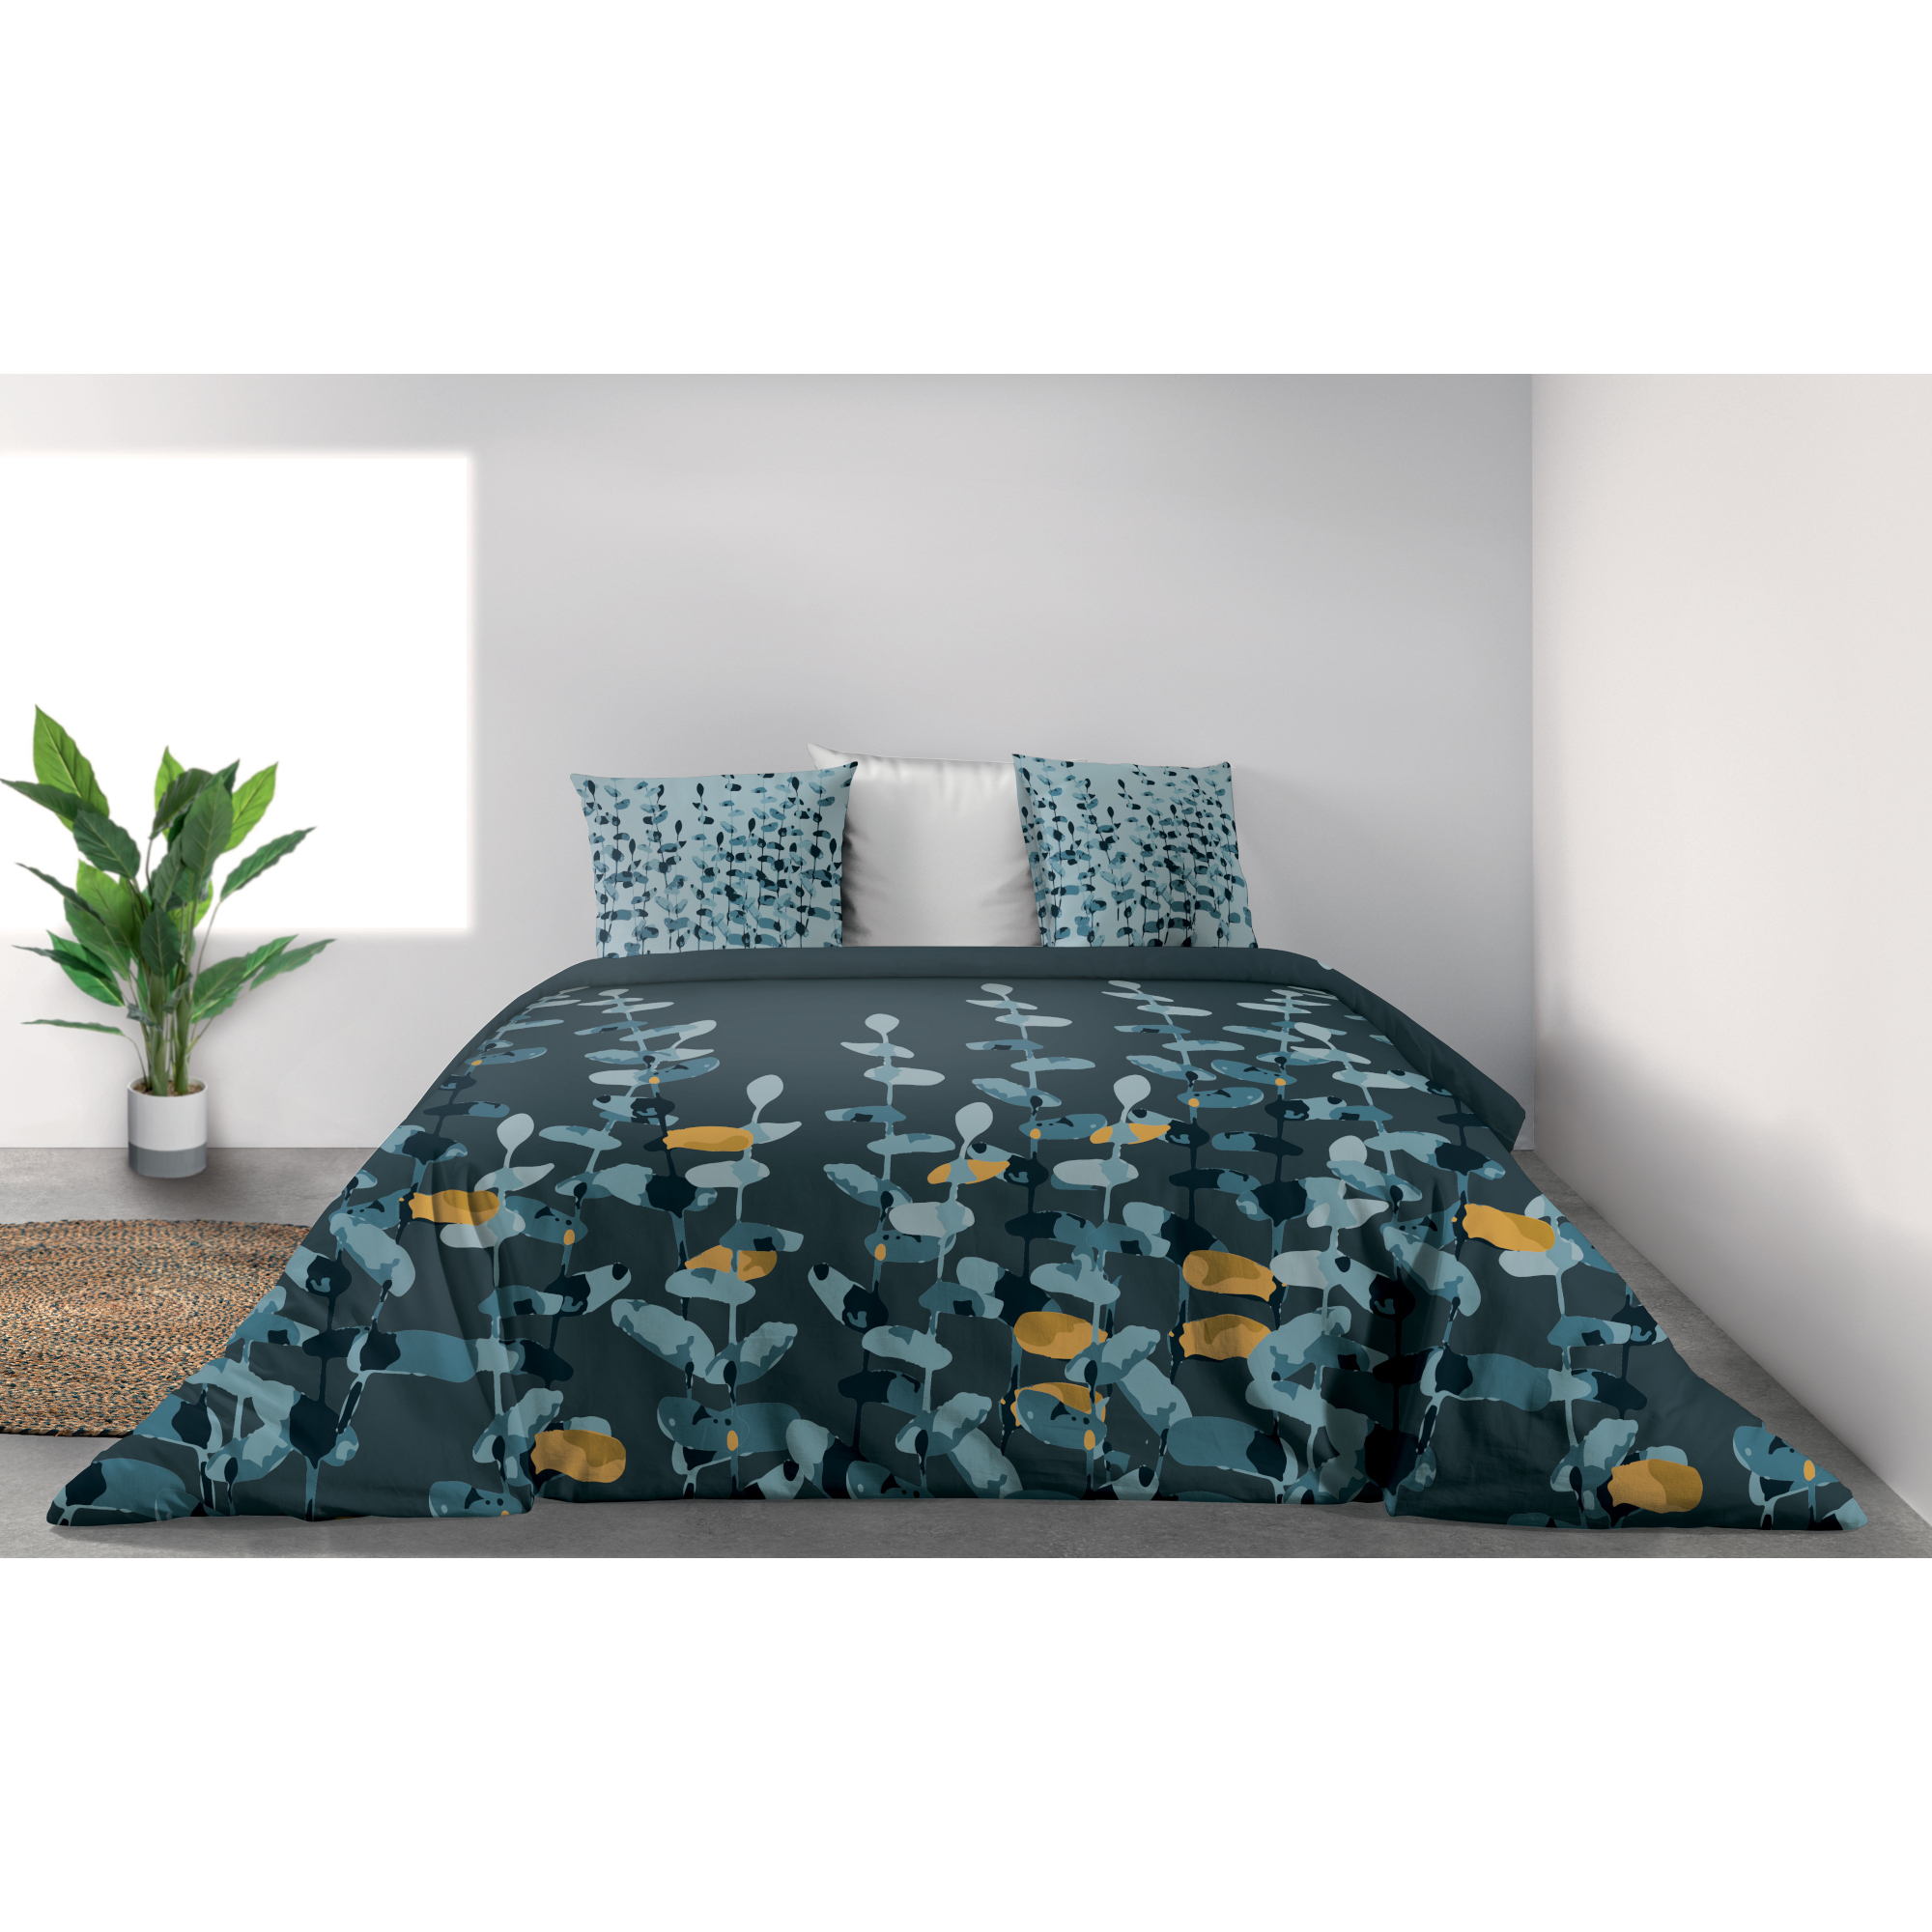 Parure de lit Bio 2 personnes Lunaria avec housse de couette et taies d'oreiller Imprimé 260 x 240